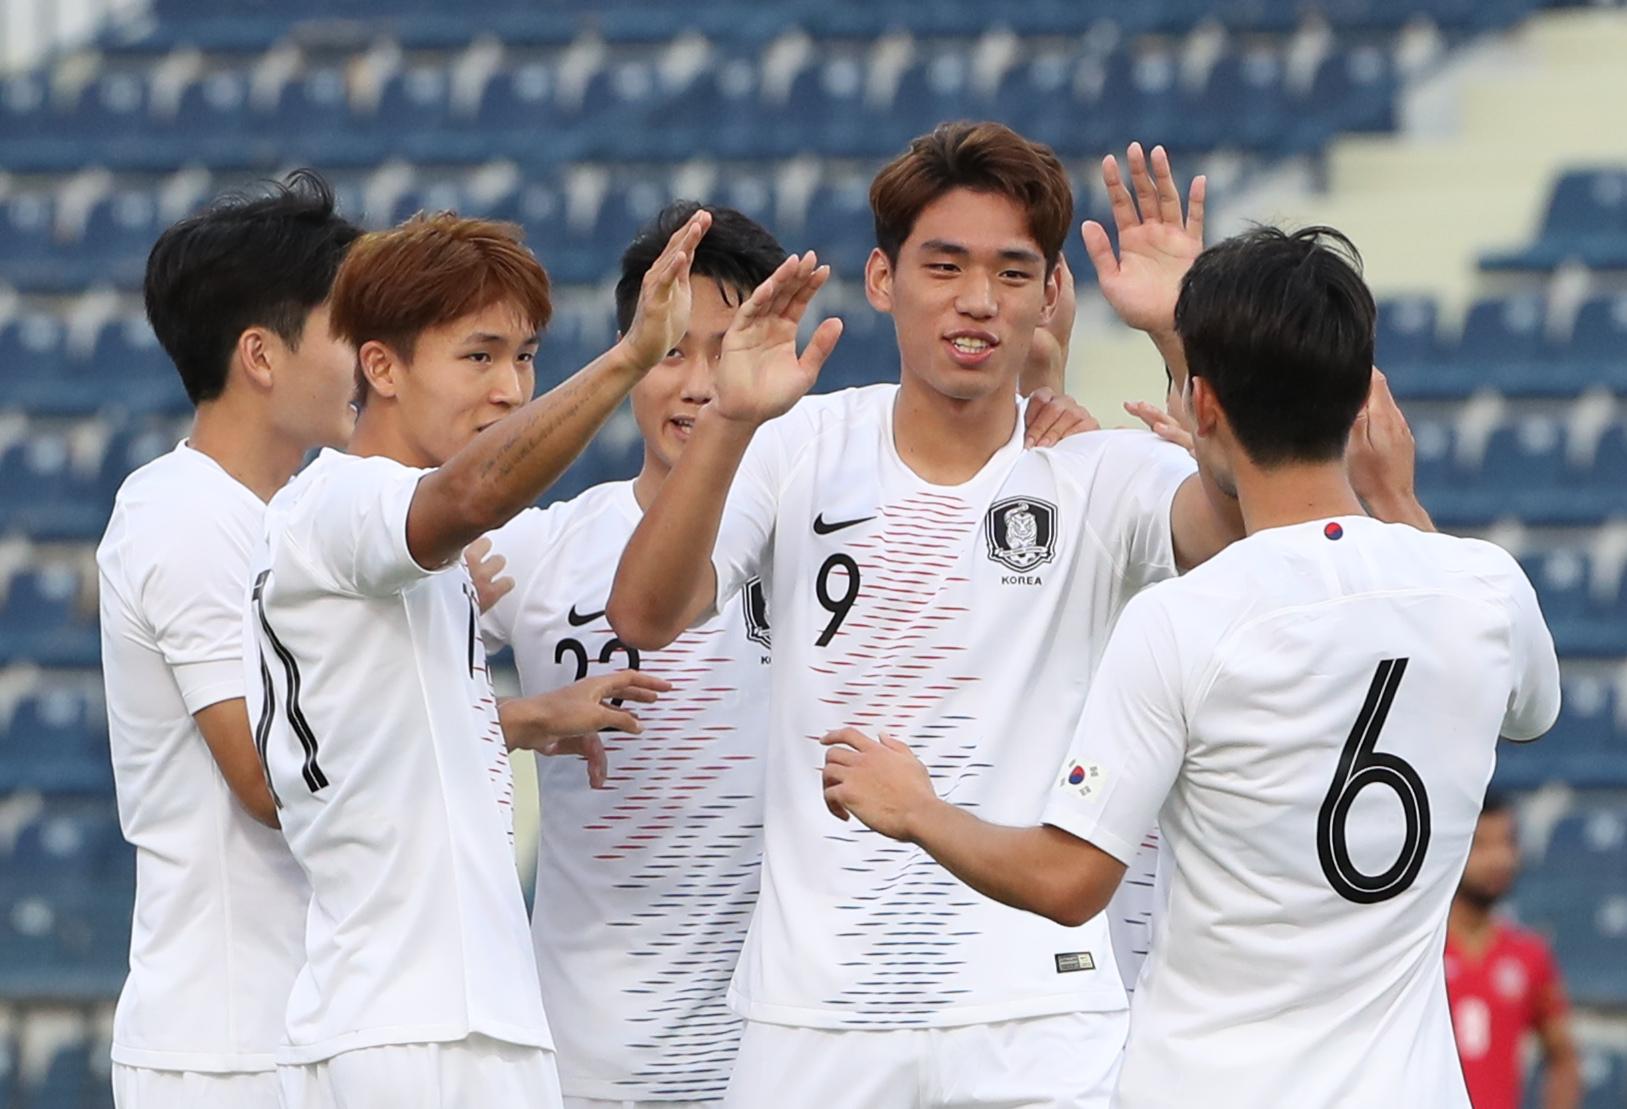 오세훈 2골 올림픽축구대표팀, 바레인 3-0 완파